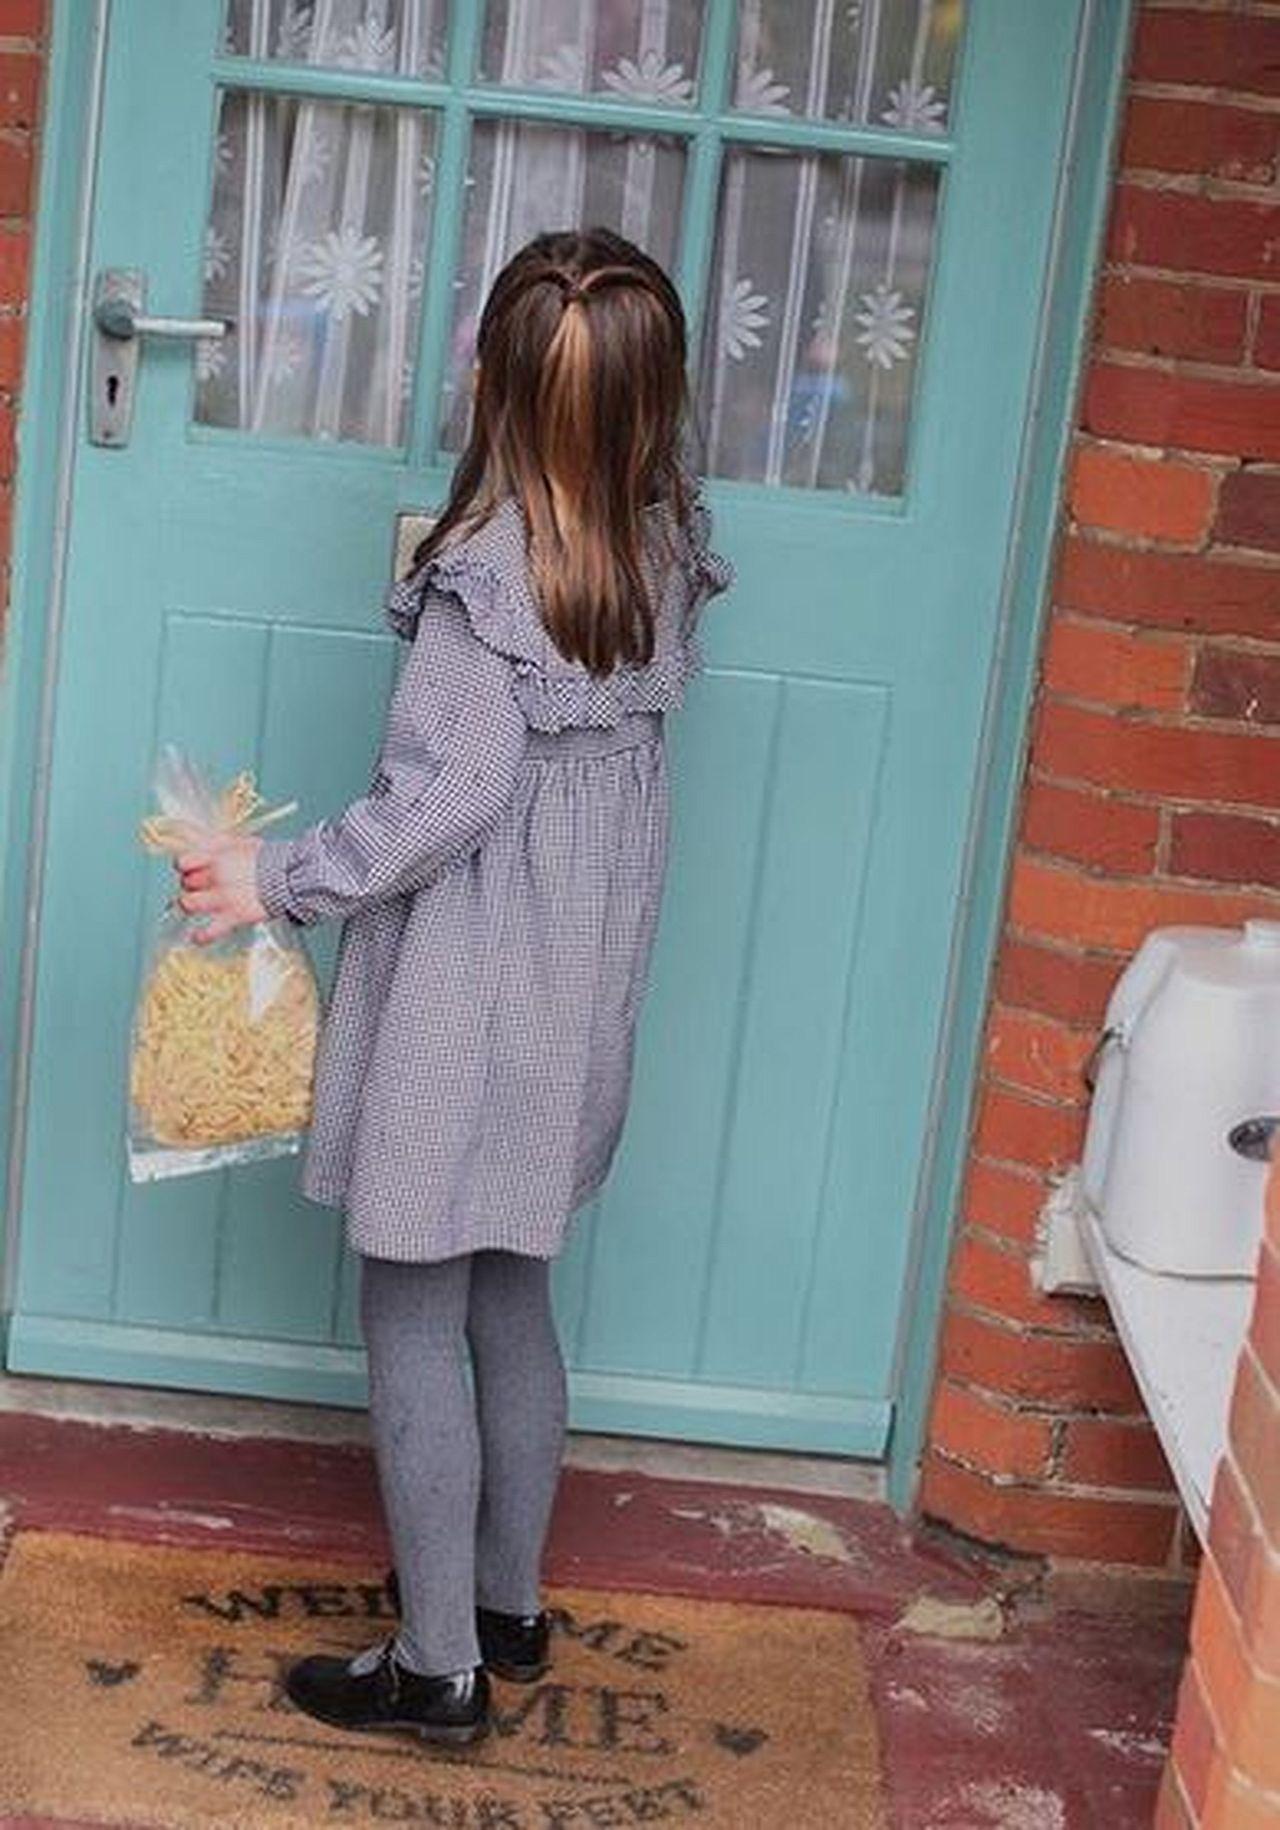 Księżniczka Charlotte pomaga w roznoszeniu posiłków dla potrzebujących